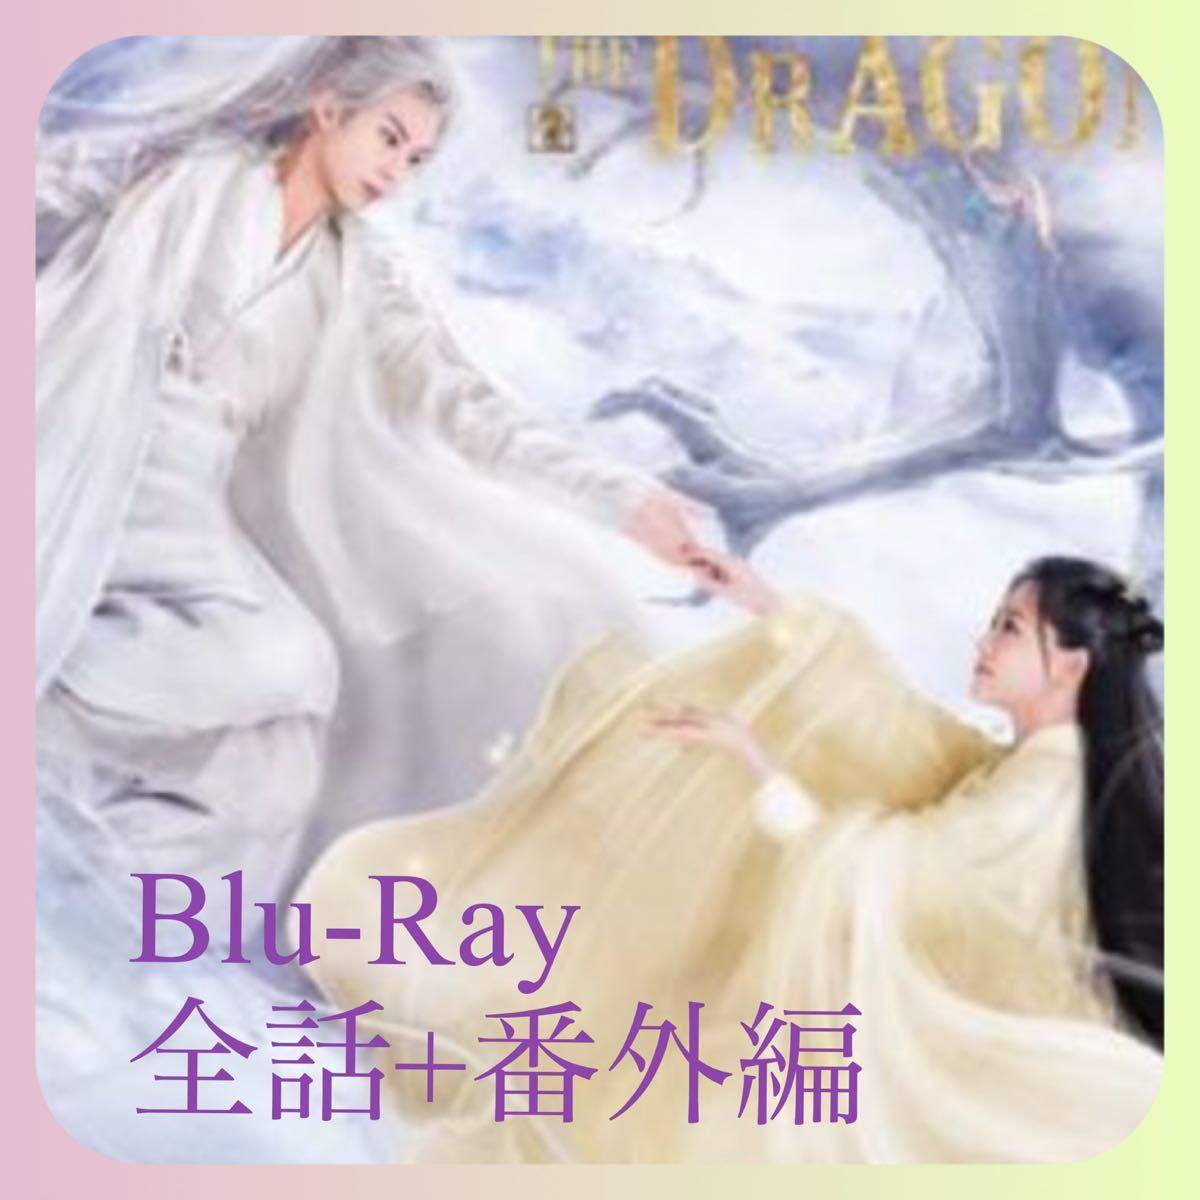 中国ドラマ 遇龍 Blu-Ray全話